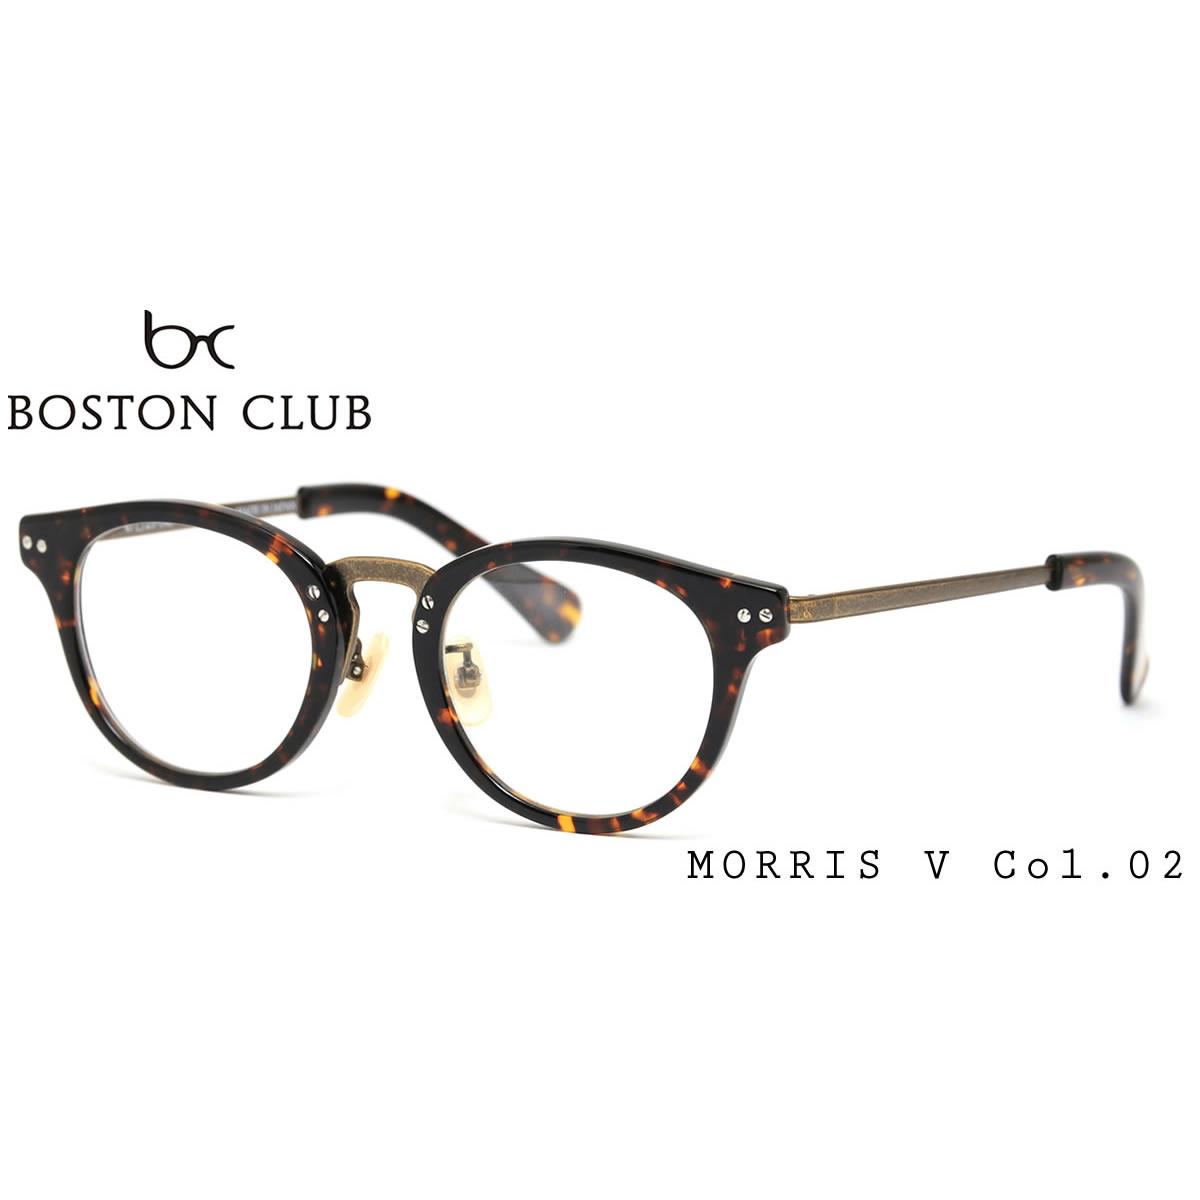 【14時までのご注文は即日発送】 MORRIS V 02 47 ボストンクラブ (BOSTON CLUB) メガネ 伊達メガネセット メンズ レディース【あす楽対応】